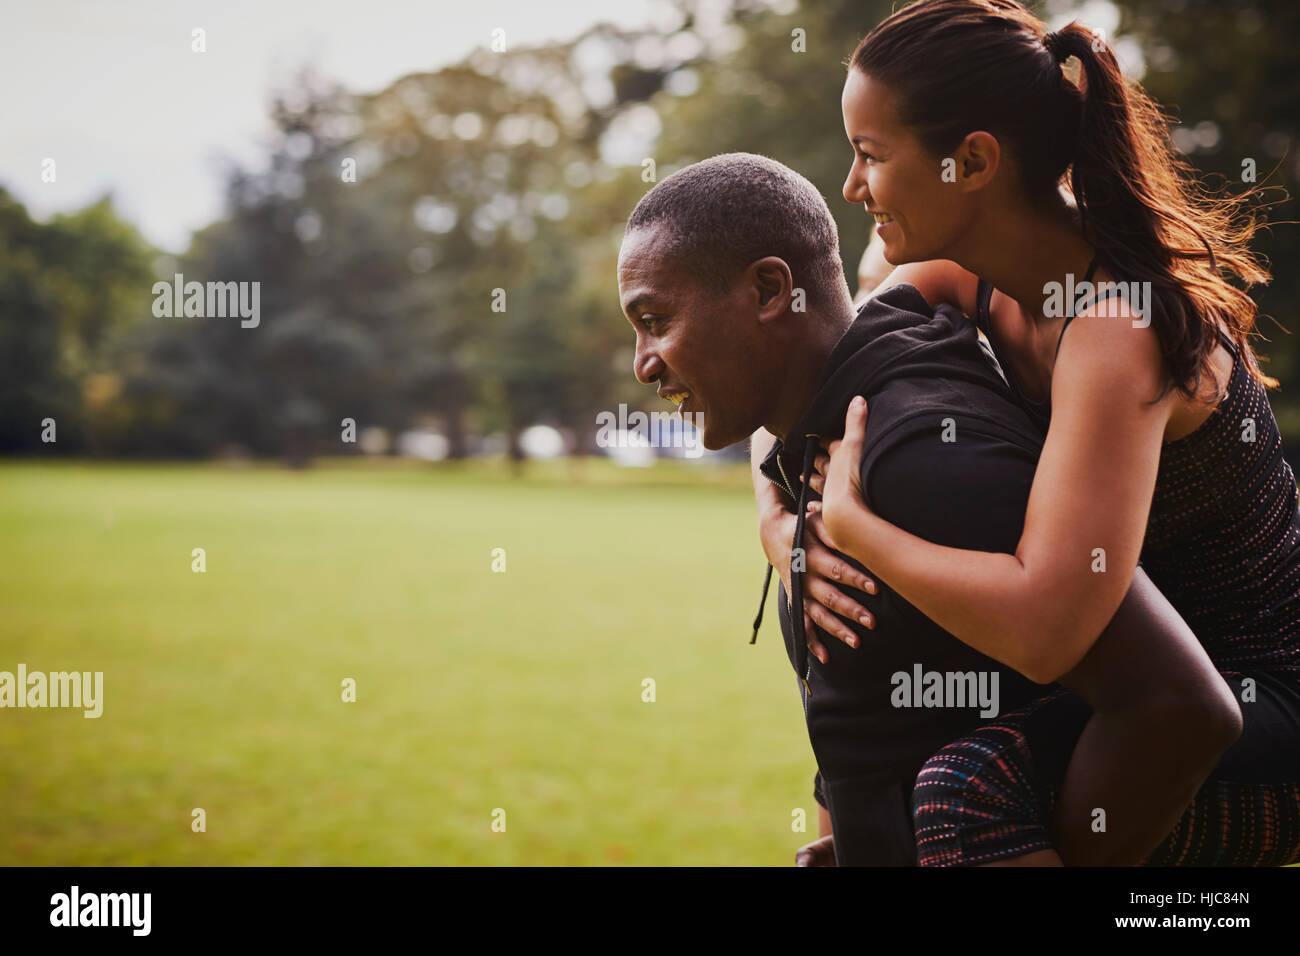 El hombre y la mujer a divertirse en el parque, dando capacitación piggy back Foto de stock